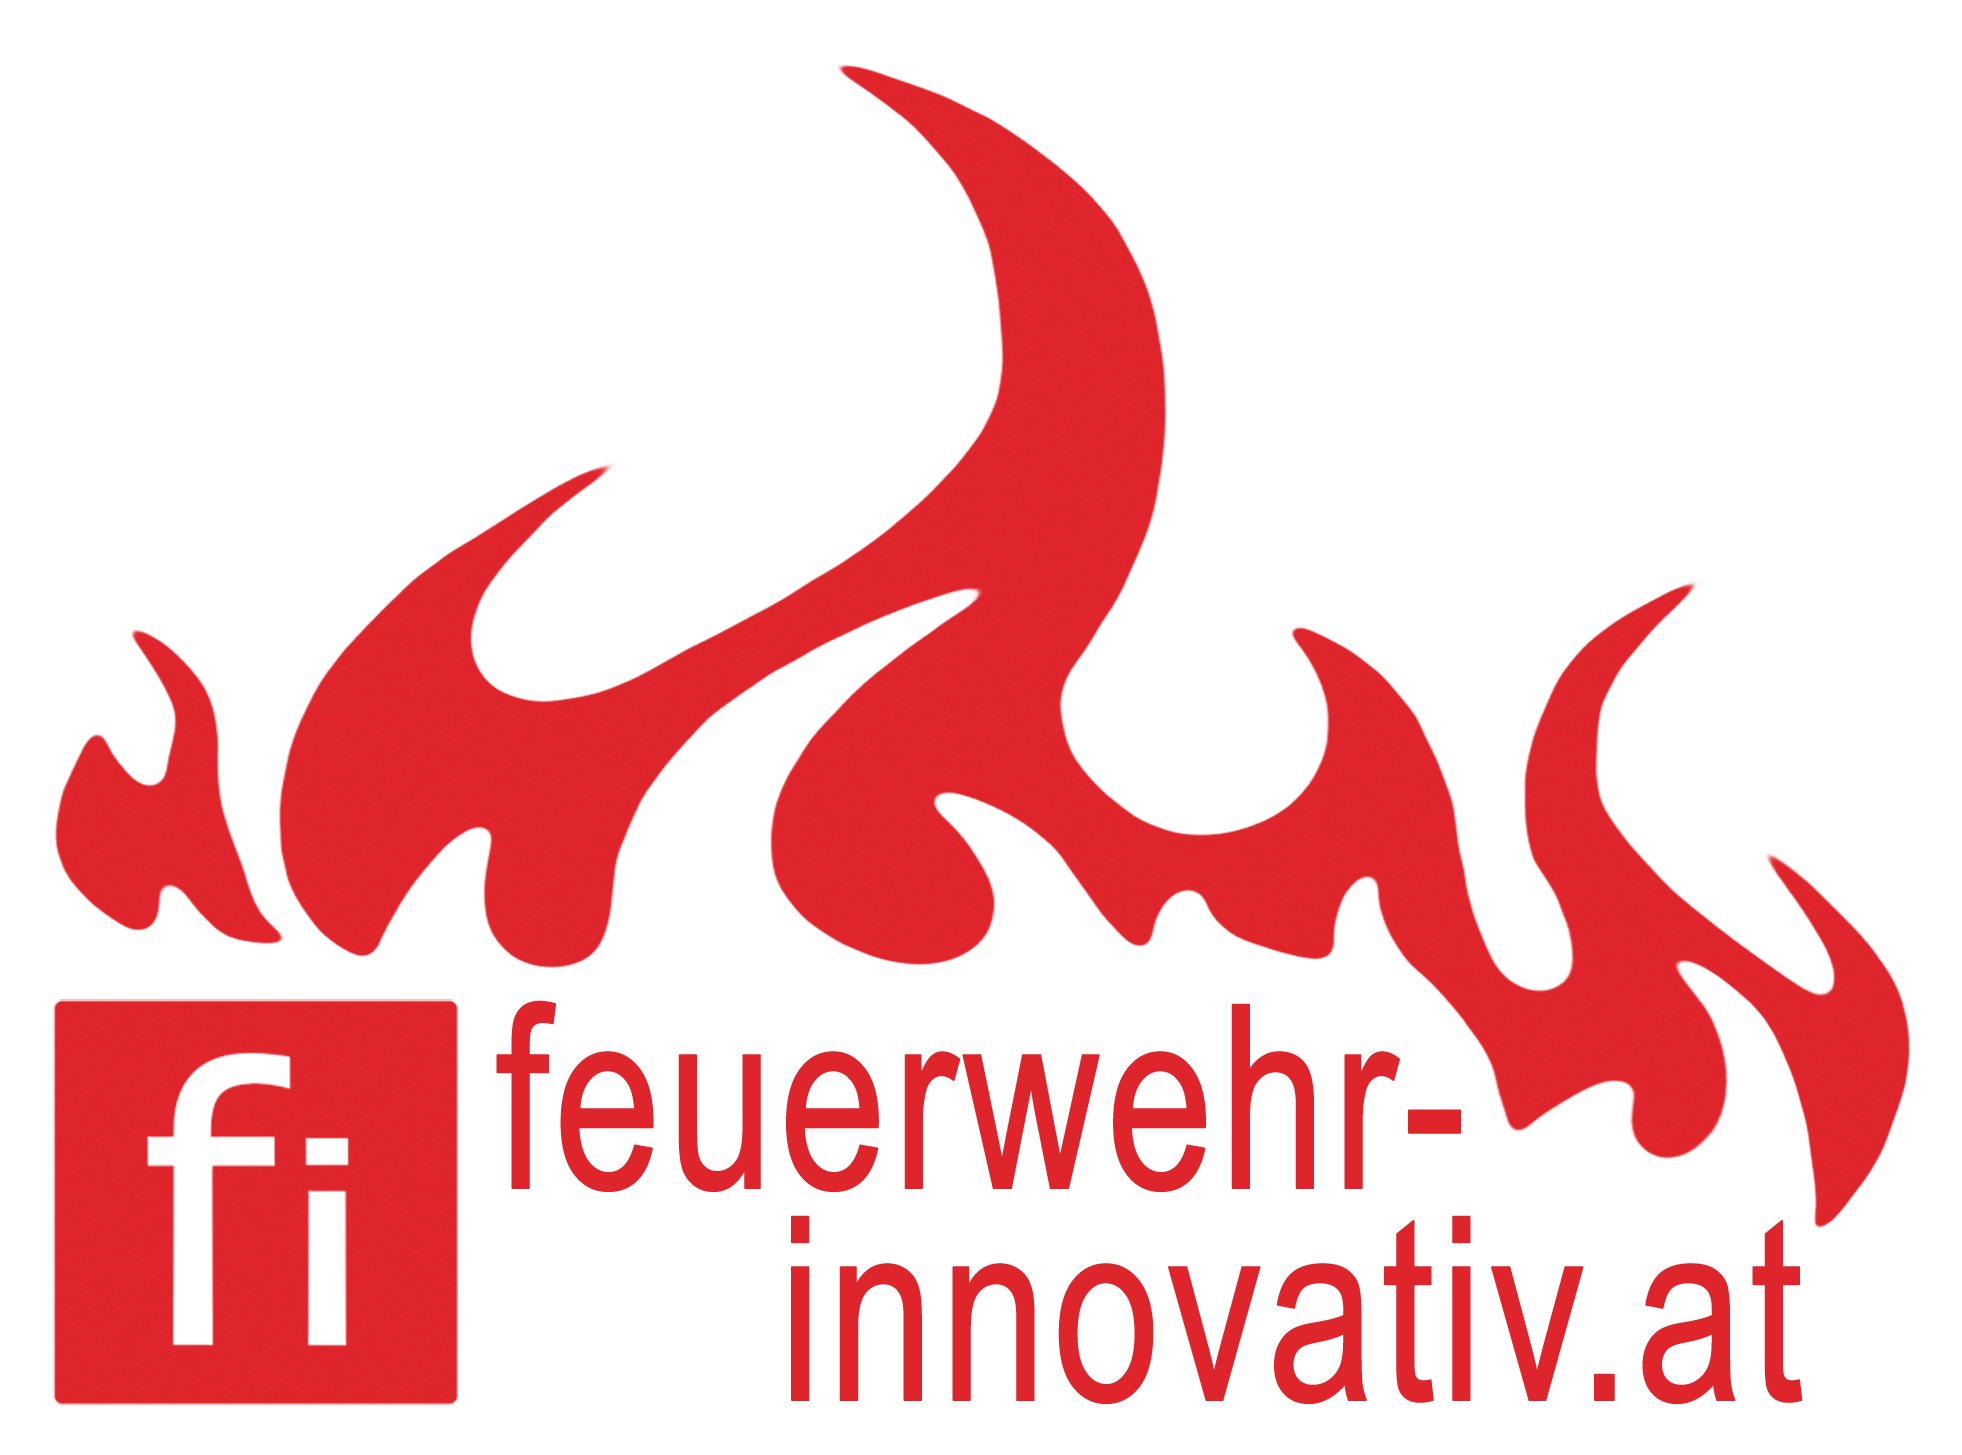 Feuerwehr Innovativ Logo